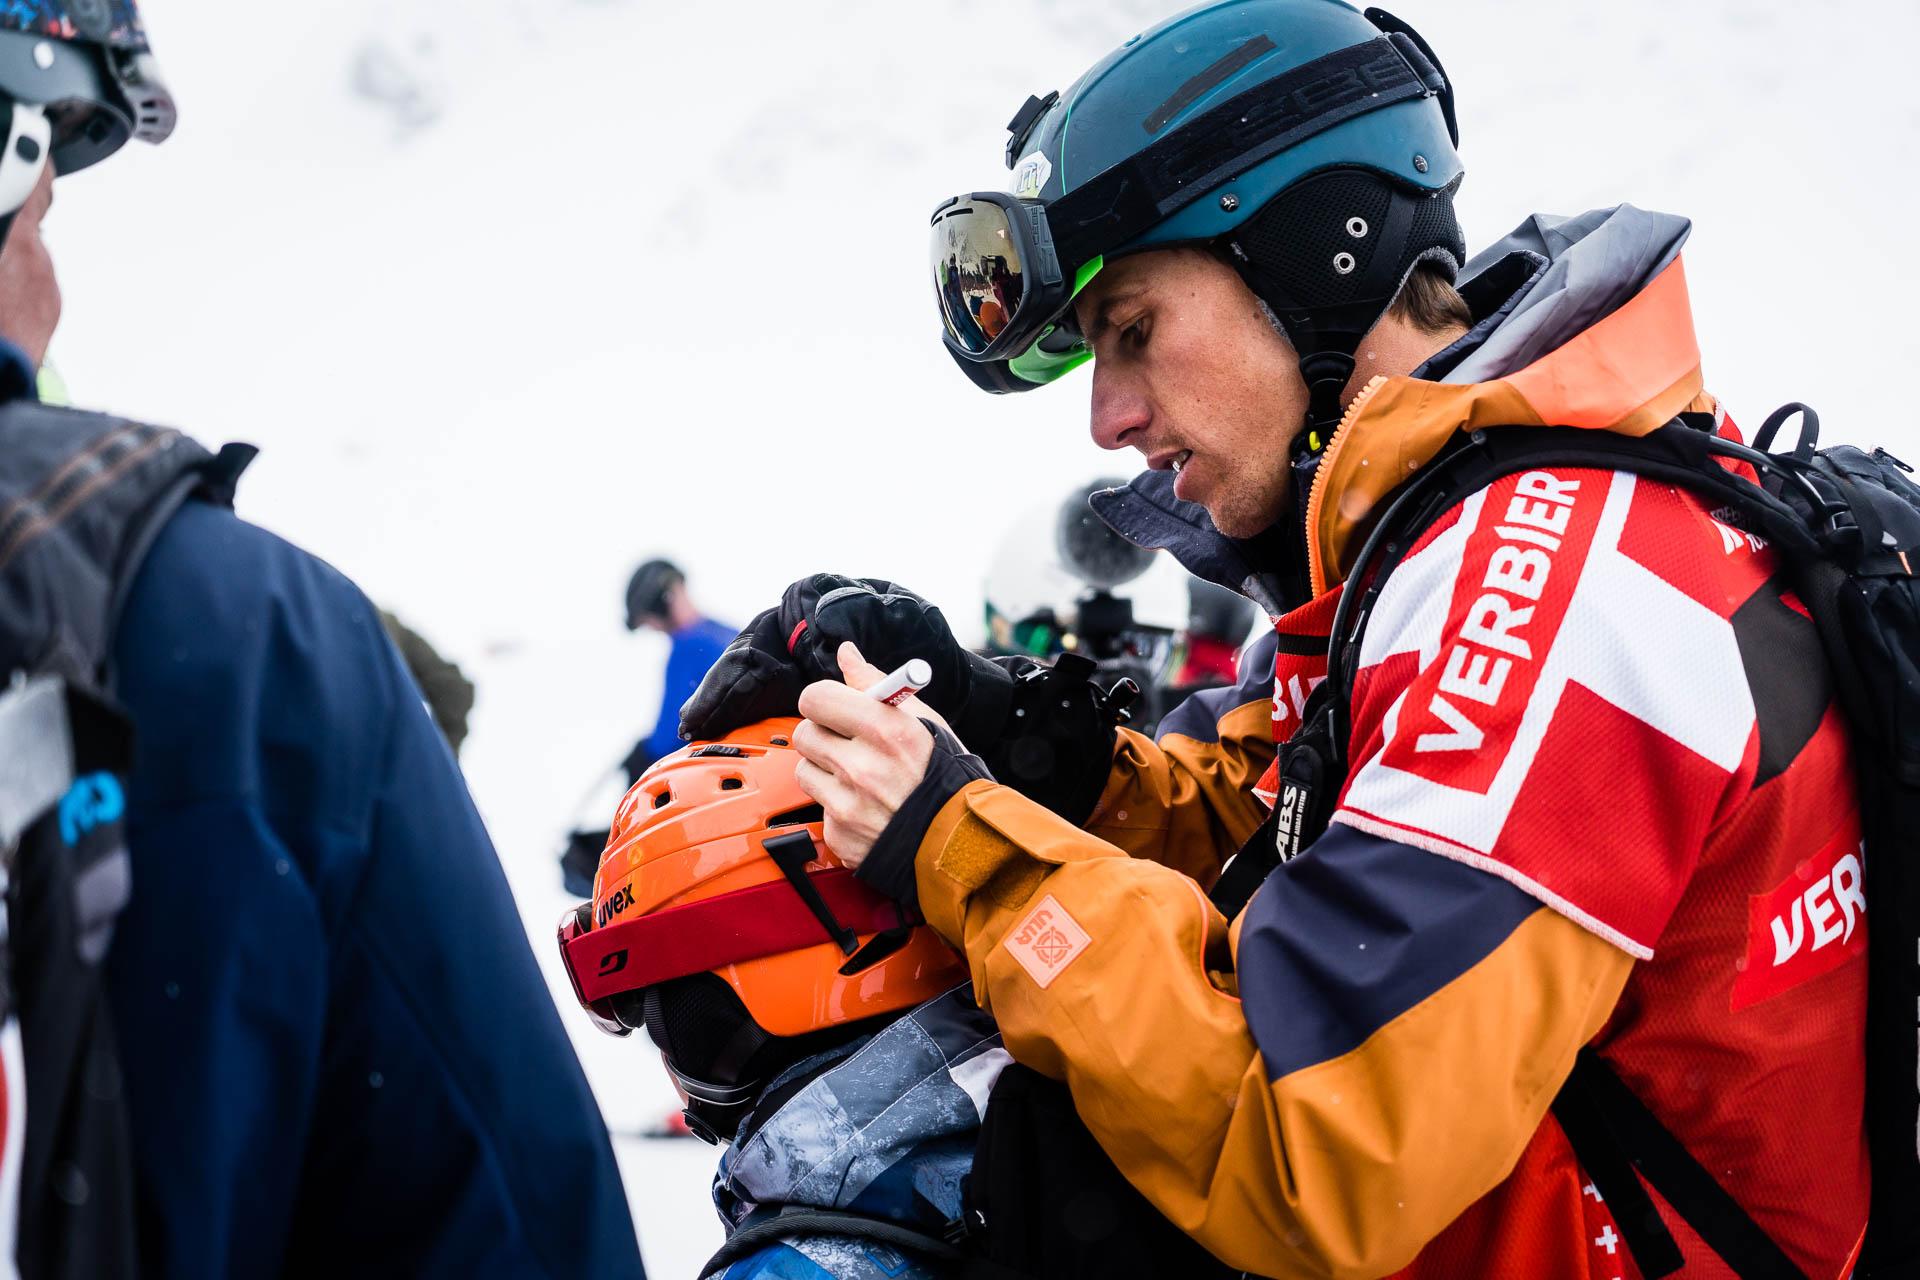 Mickael Bimboes signe des casques avant le départ..